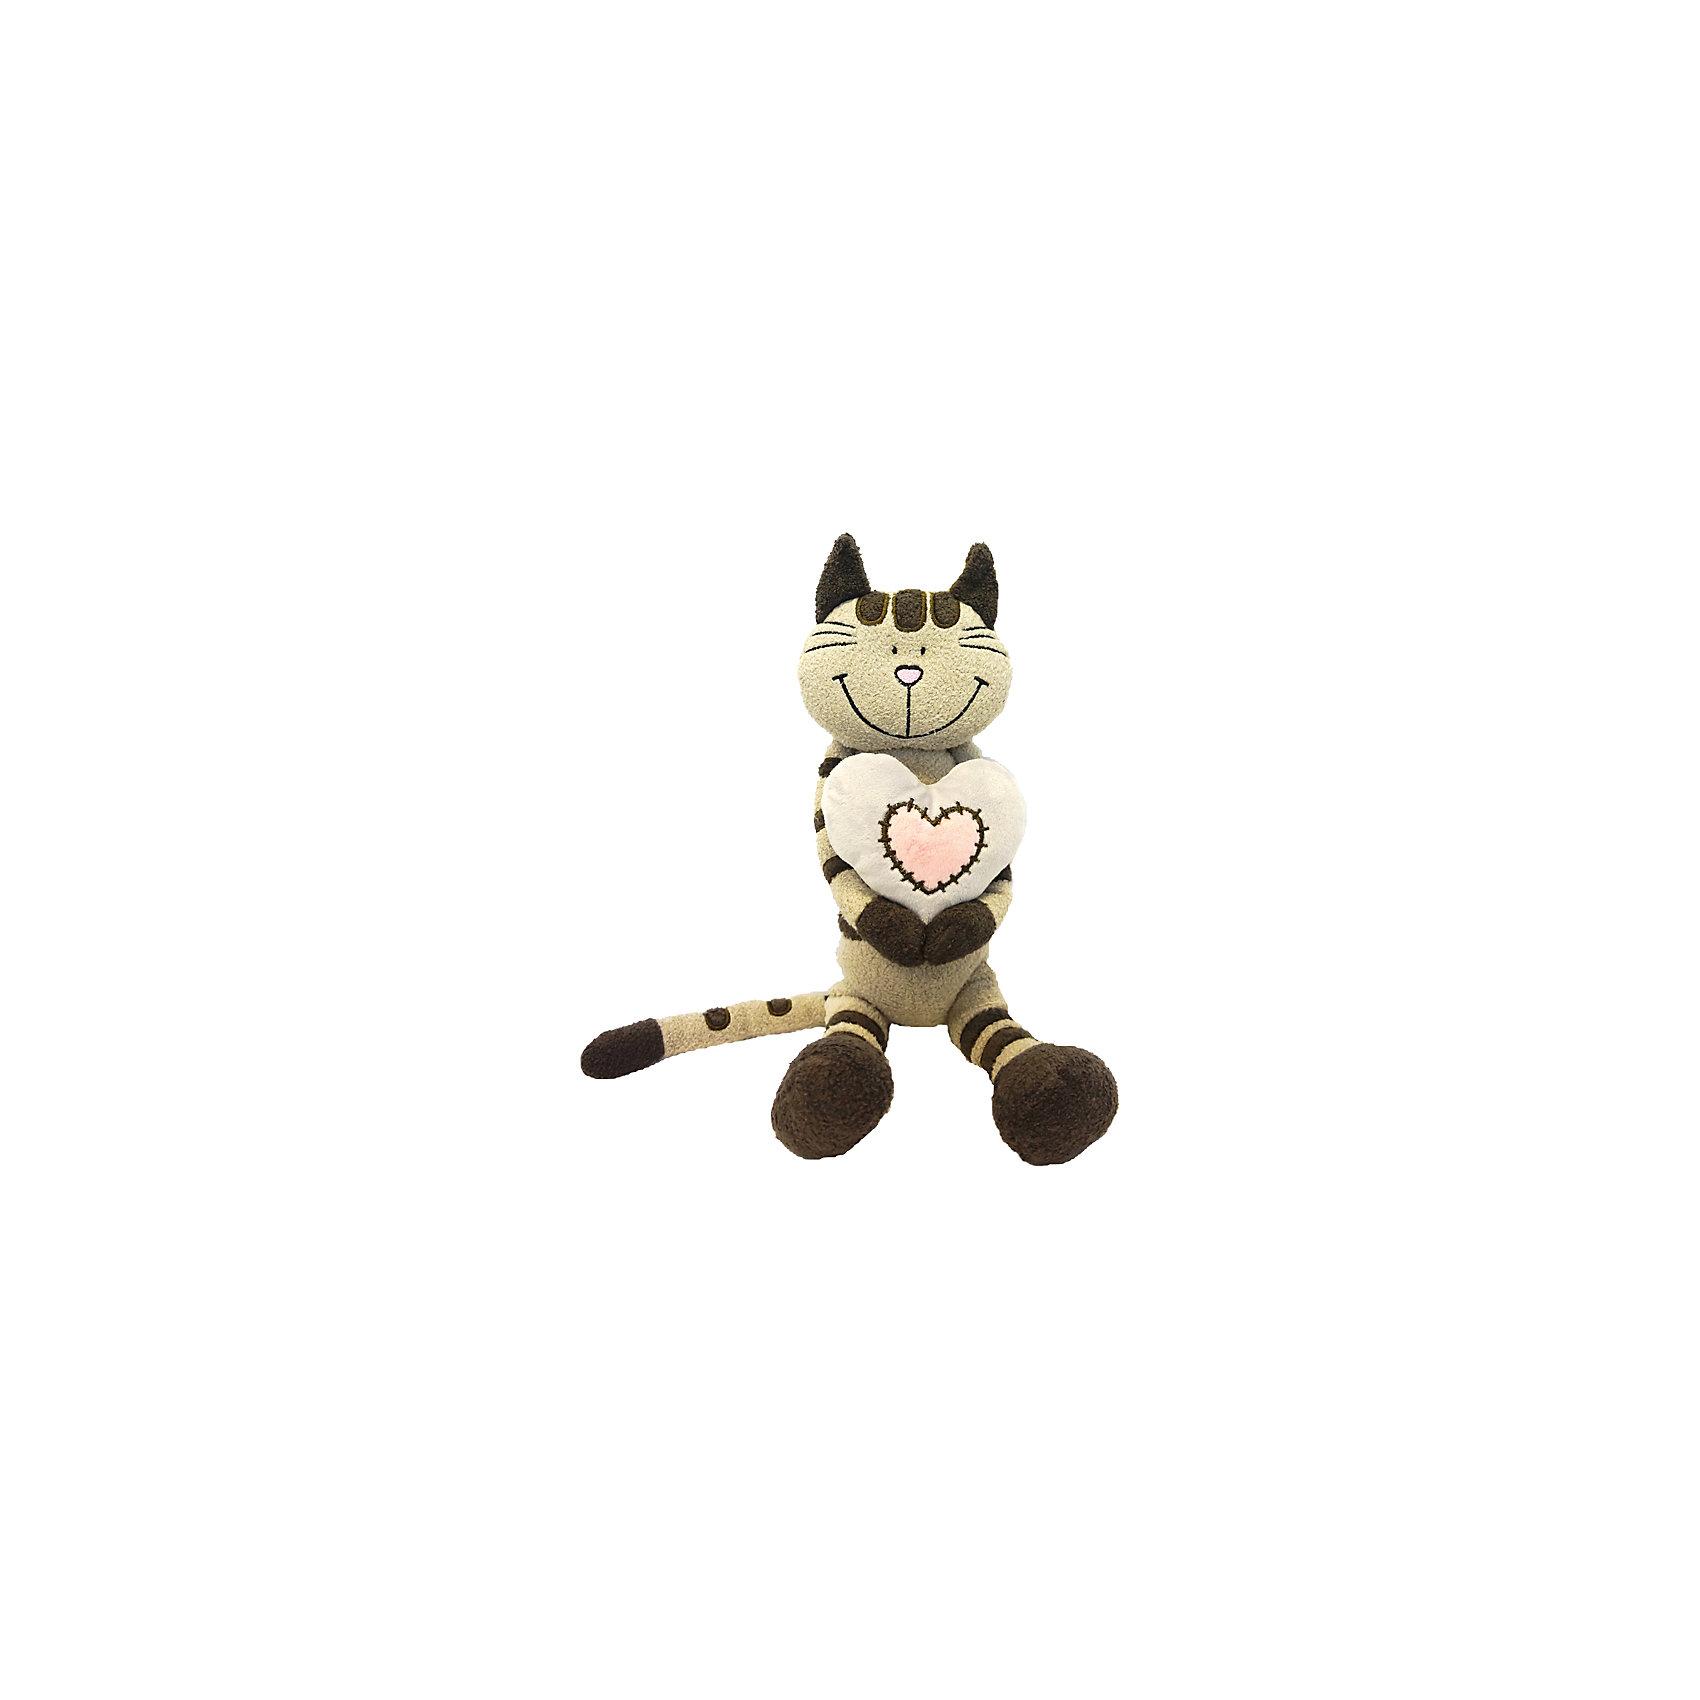 Кот Полосатик с сердцем, 33 см, MAXITOYSСимпатичная игрушка сделана в виде котика с сердечком в лапах. Она поможет ребенку проводить время весело и с пользой (такие игрушки развивают воображение и моторику). Смотрится игрушка очень мило - ее хочется трогать и играть с ней.<br>Размер игрушки универсален - 33 сантиметров, её удобно брать с собой в поездки и на прогулку. Сделан Котик из качественных и безопасных для ребенка материалов, которые еще и приятны на ощупь. Эта игрушка может стать и отличным подарком для взрослого, также она украсит любой интерьер.<br><br>Дополнительная информация:<br><br>- материал: мех искусственный, трикотажный, волокно полиэфирное;<br>- высота: 33 см.<br><br>Игрушку Кот Полосатик с сердцем, 33 см, от марки MAXITOYS можно купить в нашем магазине.<br><br>Ширина мм: 300<br>Глубина мм: 130<br>Высота мм: 330<br>Вес г: 117<br>Возраст от месяцев: 36<br>Возраст до месяцев: 1188<br>Пол: Женский<br>Возраст: Детский<br>SKU: 4701900